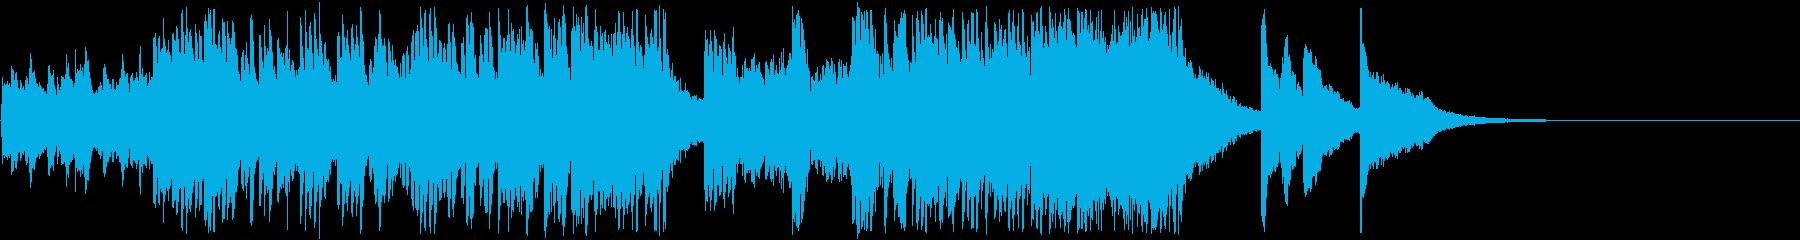 テンポ感のある現代音楽調のピアノ曲の再生済みの波形